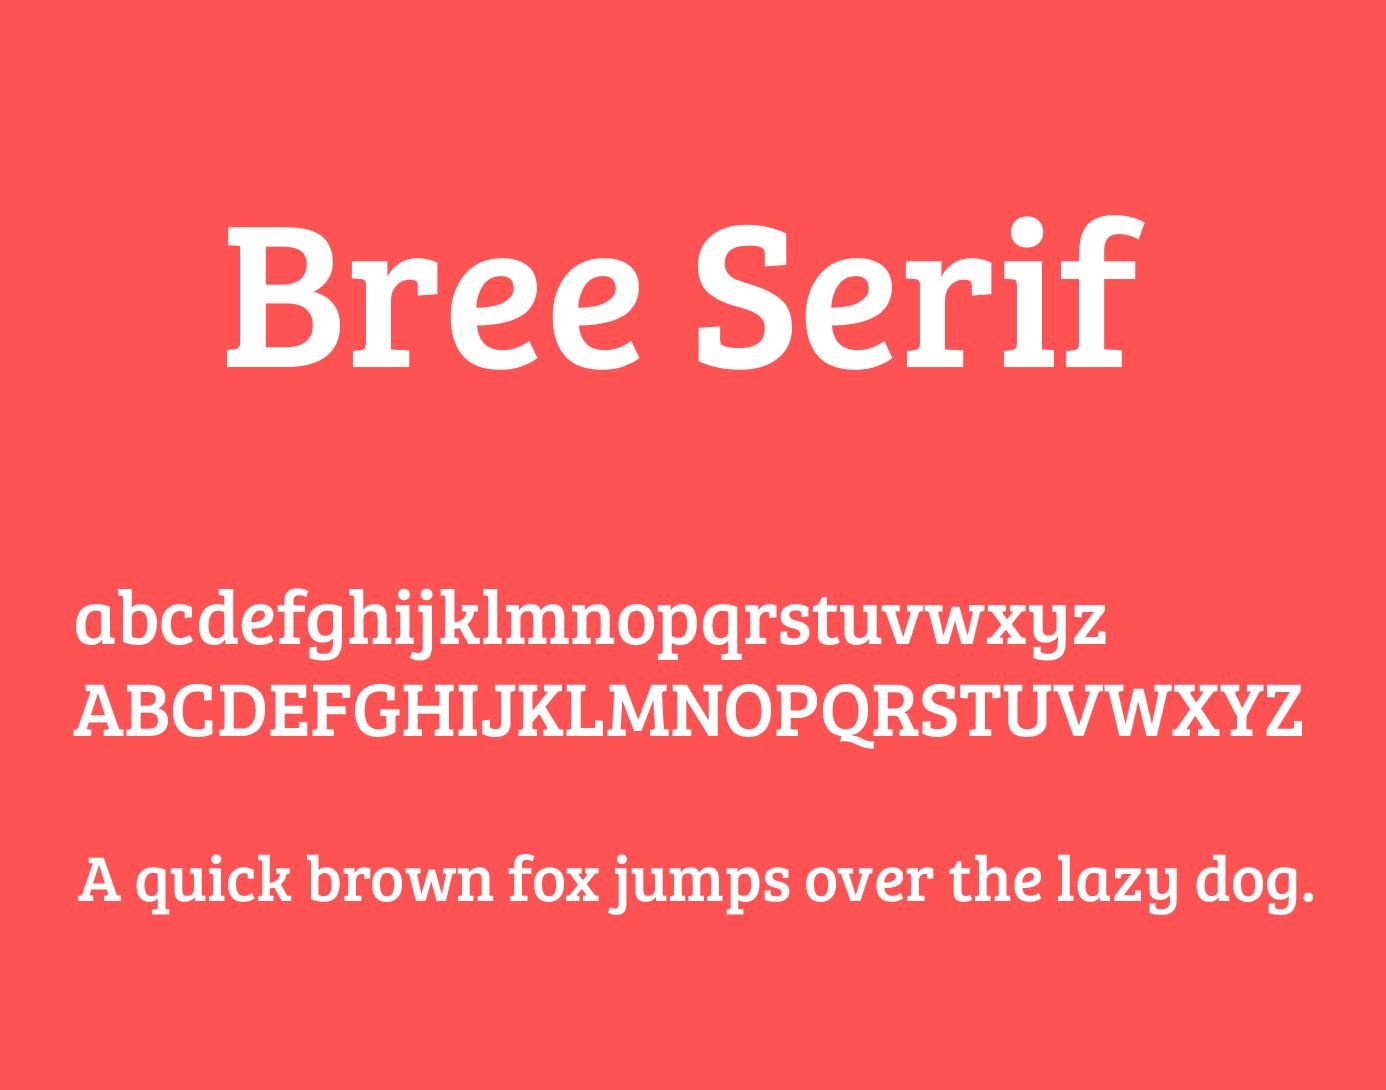 bree-serif-font